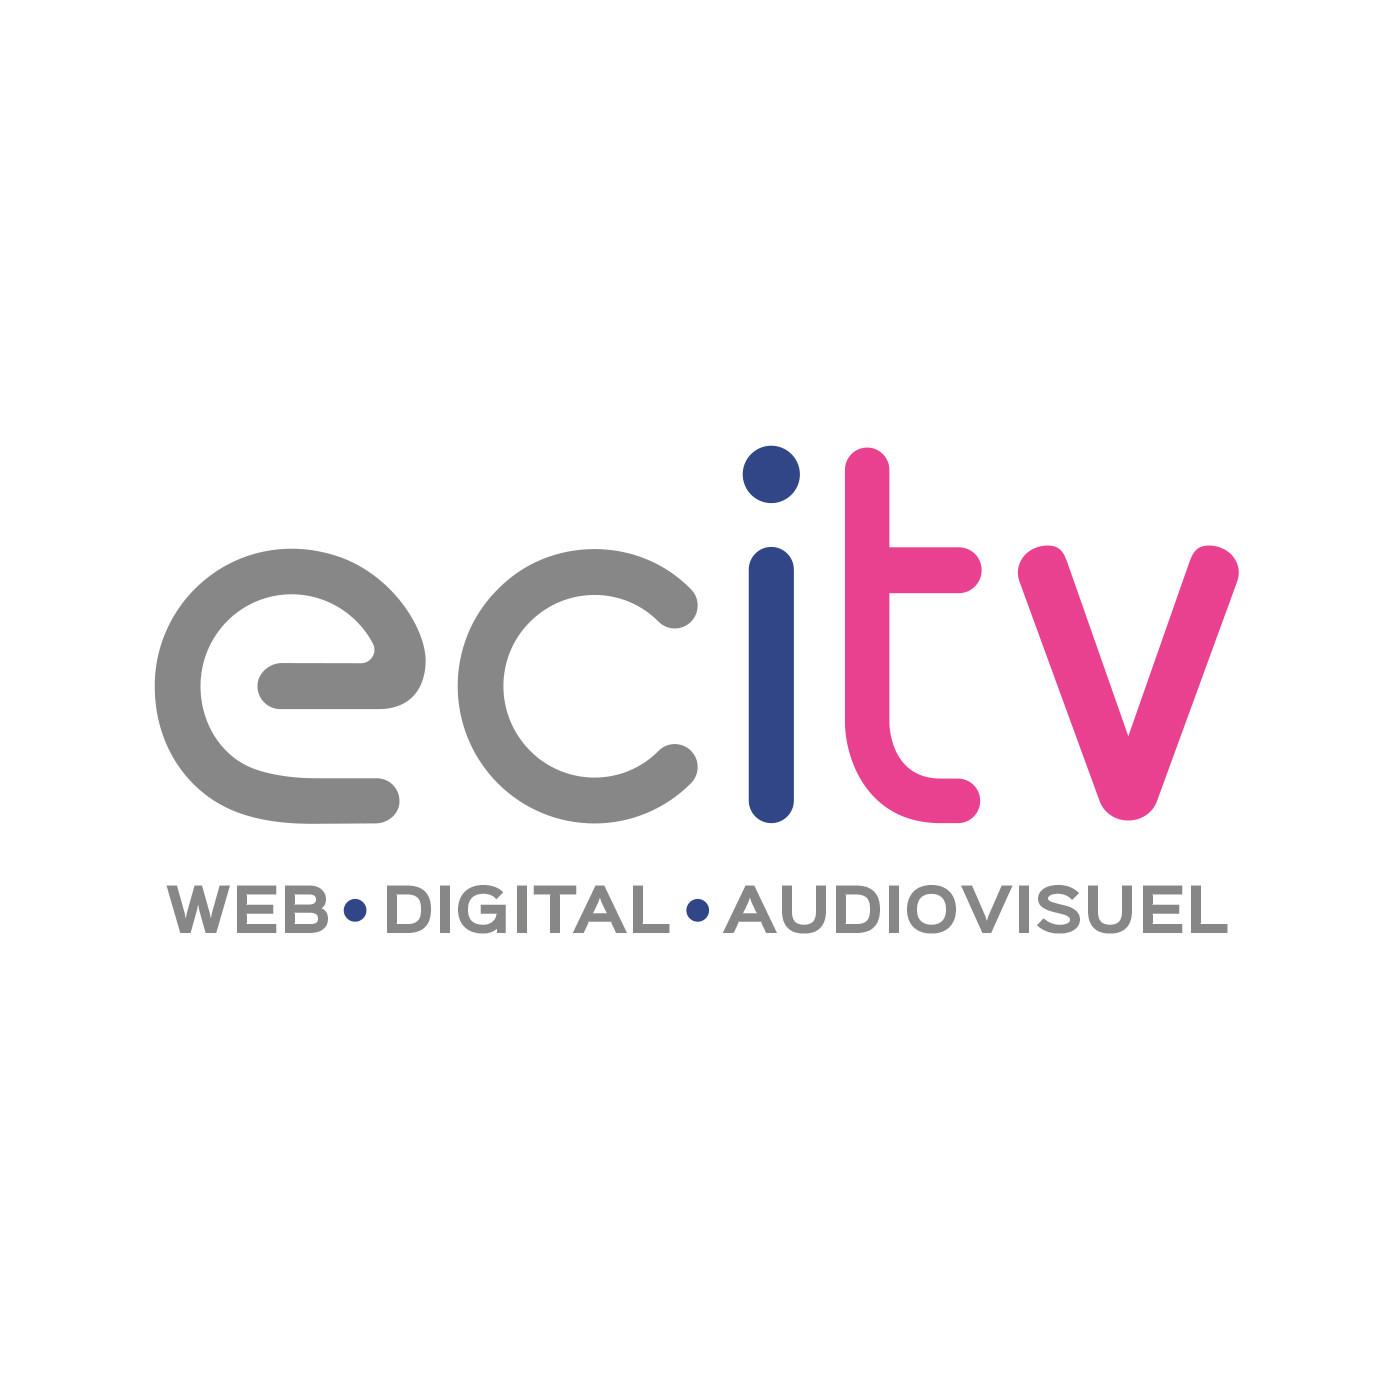 ECITV